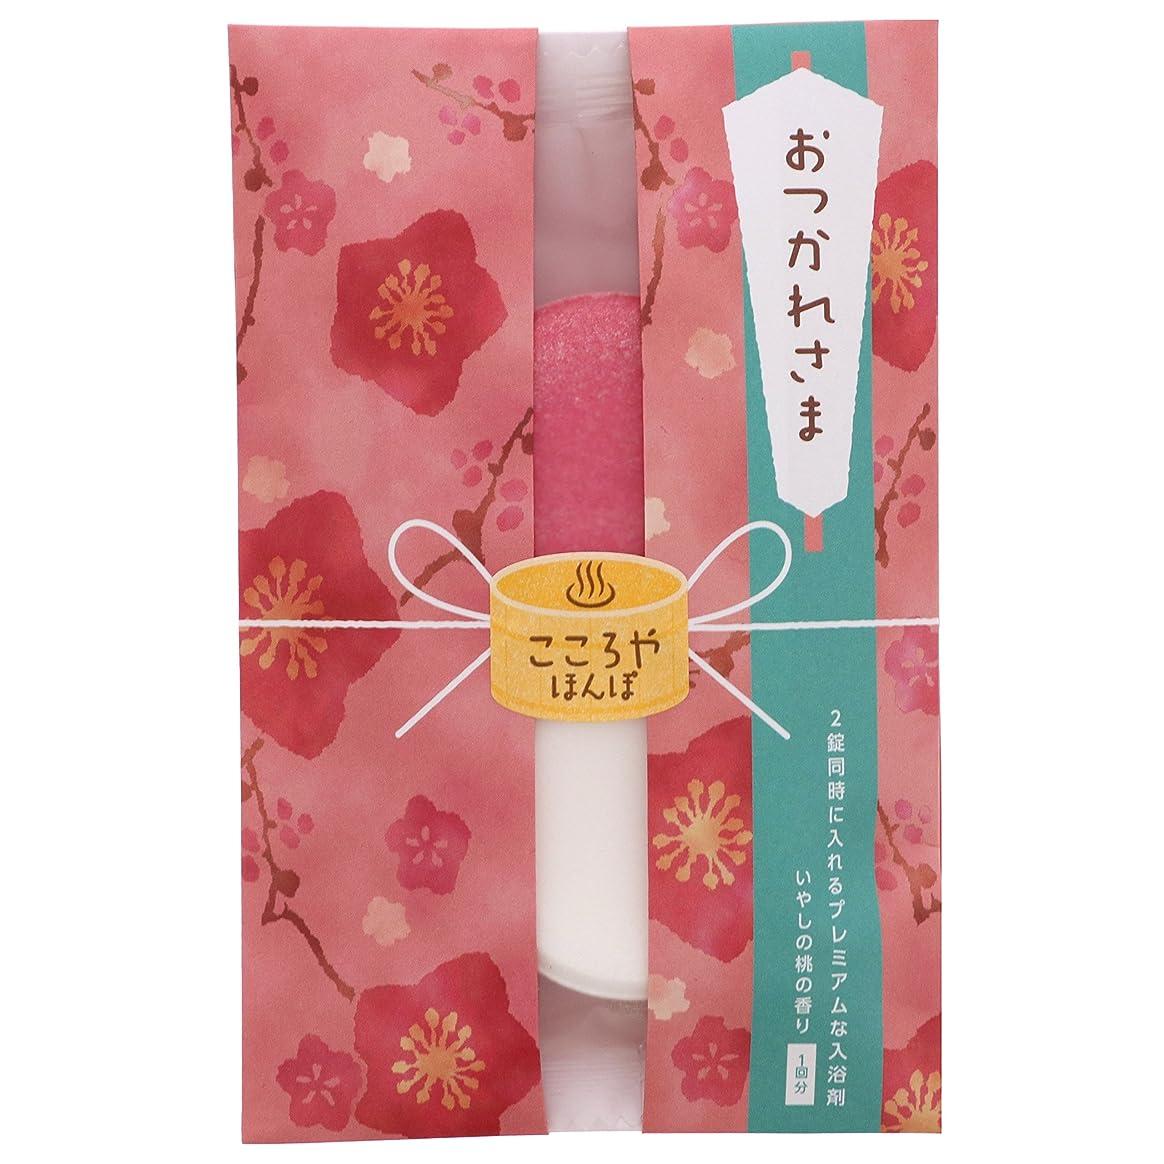 泥コミュニケーション充実こころやほんぽ カジュアルギフト 入浴剤 おつかれさま 桃の香り 50g